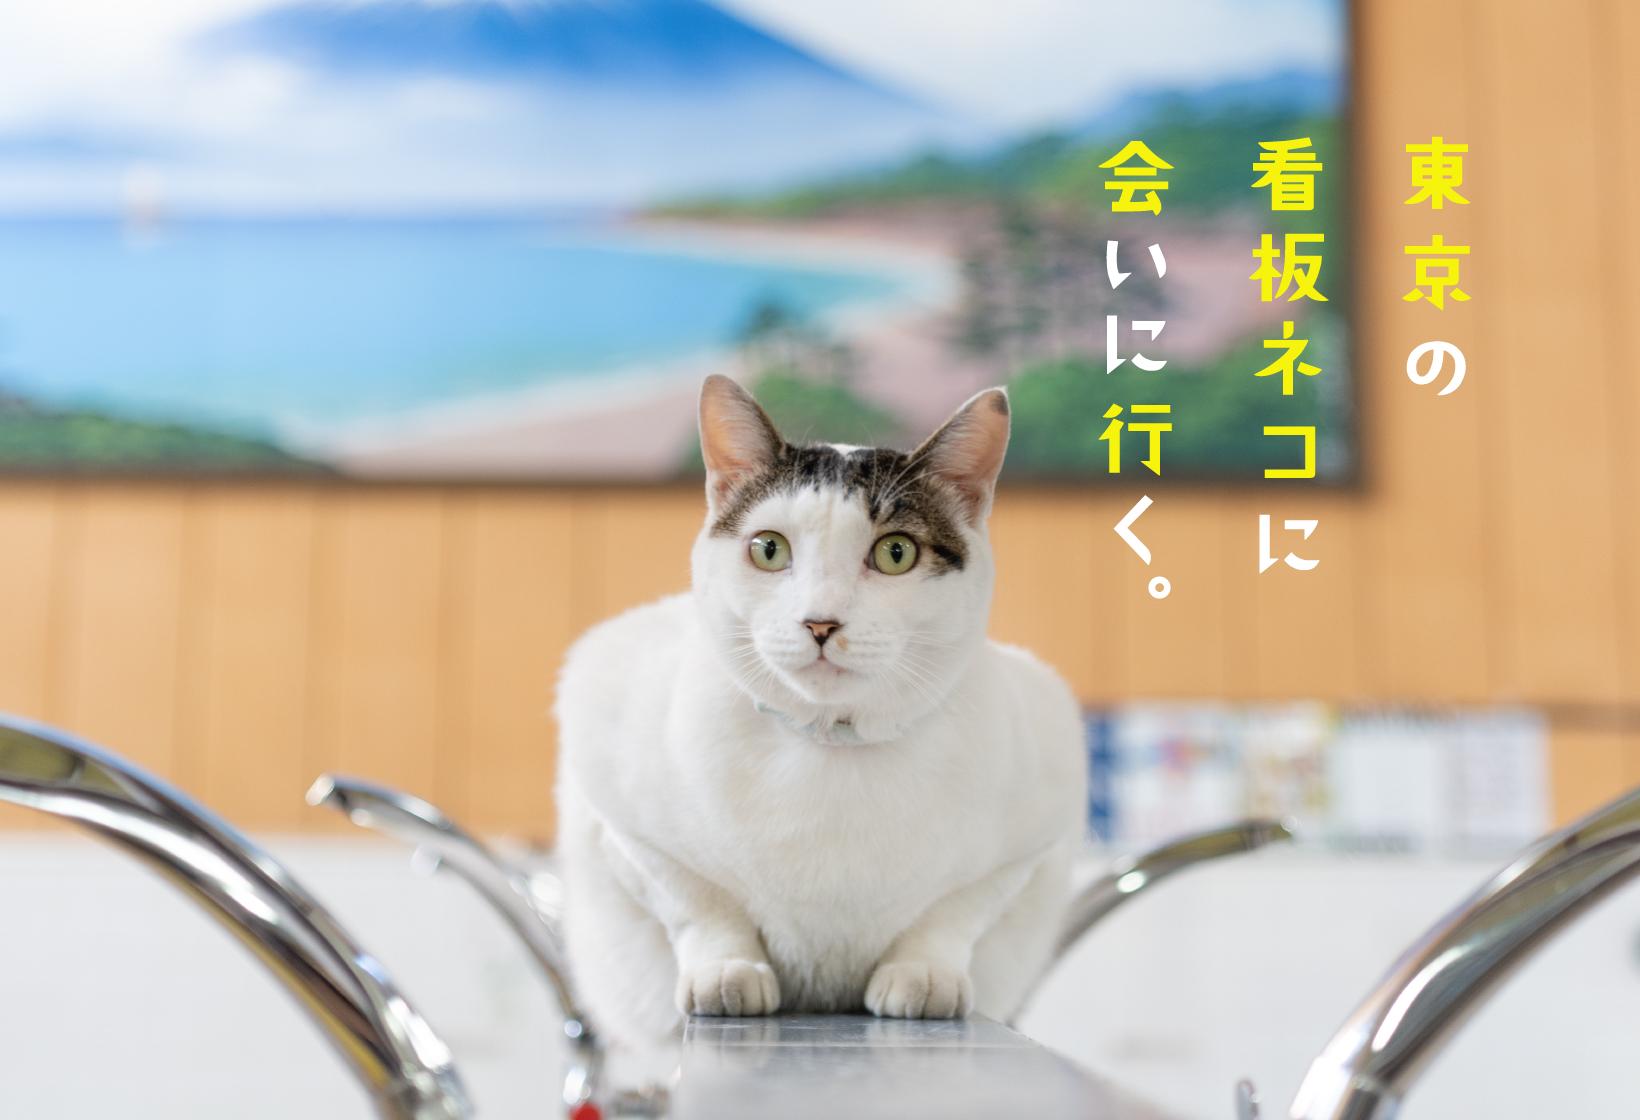 東京の看板ネコに会いに行く。